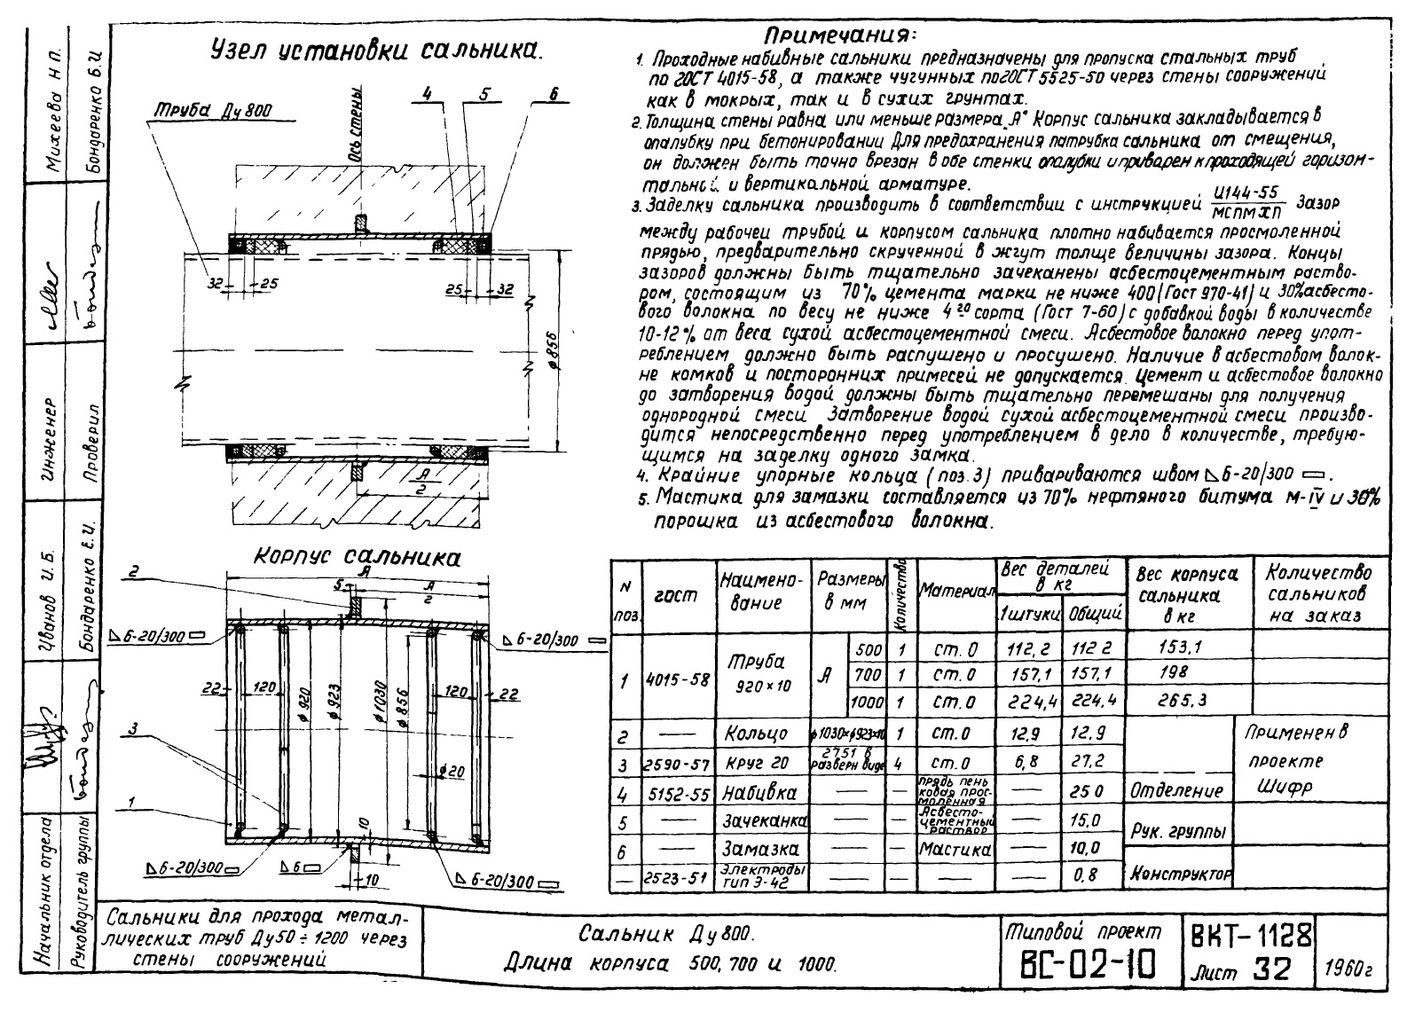 Сальники набивные L = 1000 мм типовой проект ВС-02-10 стр.15